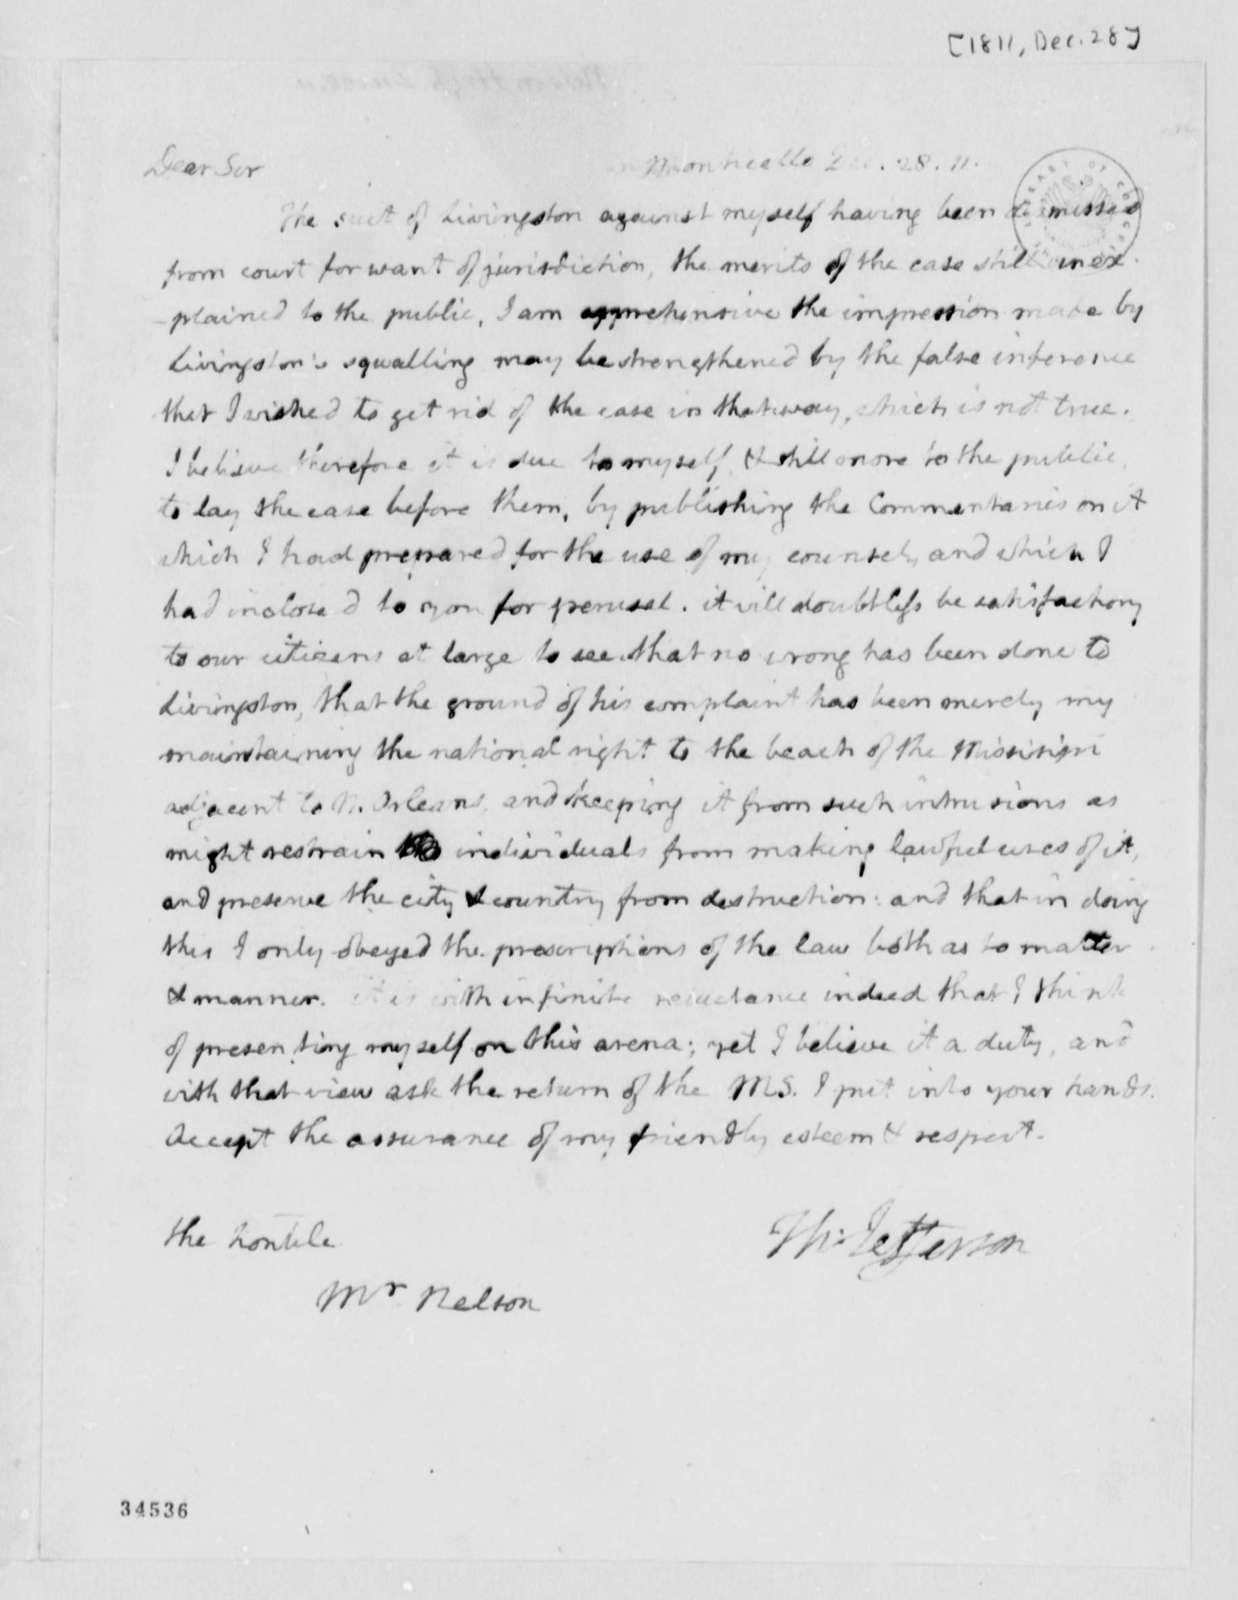 Thomas Jefferson to Hugh Neslon, December 28, 1811